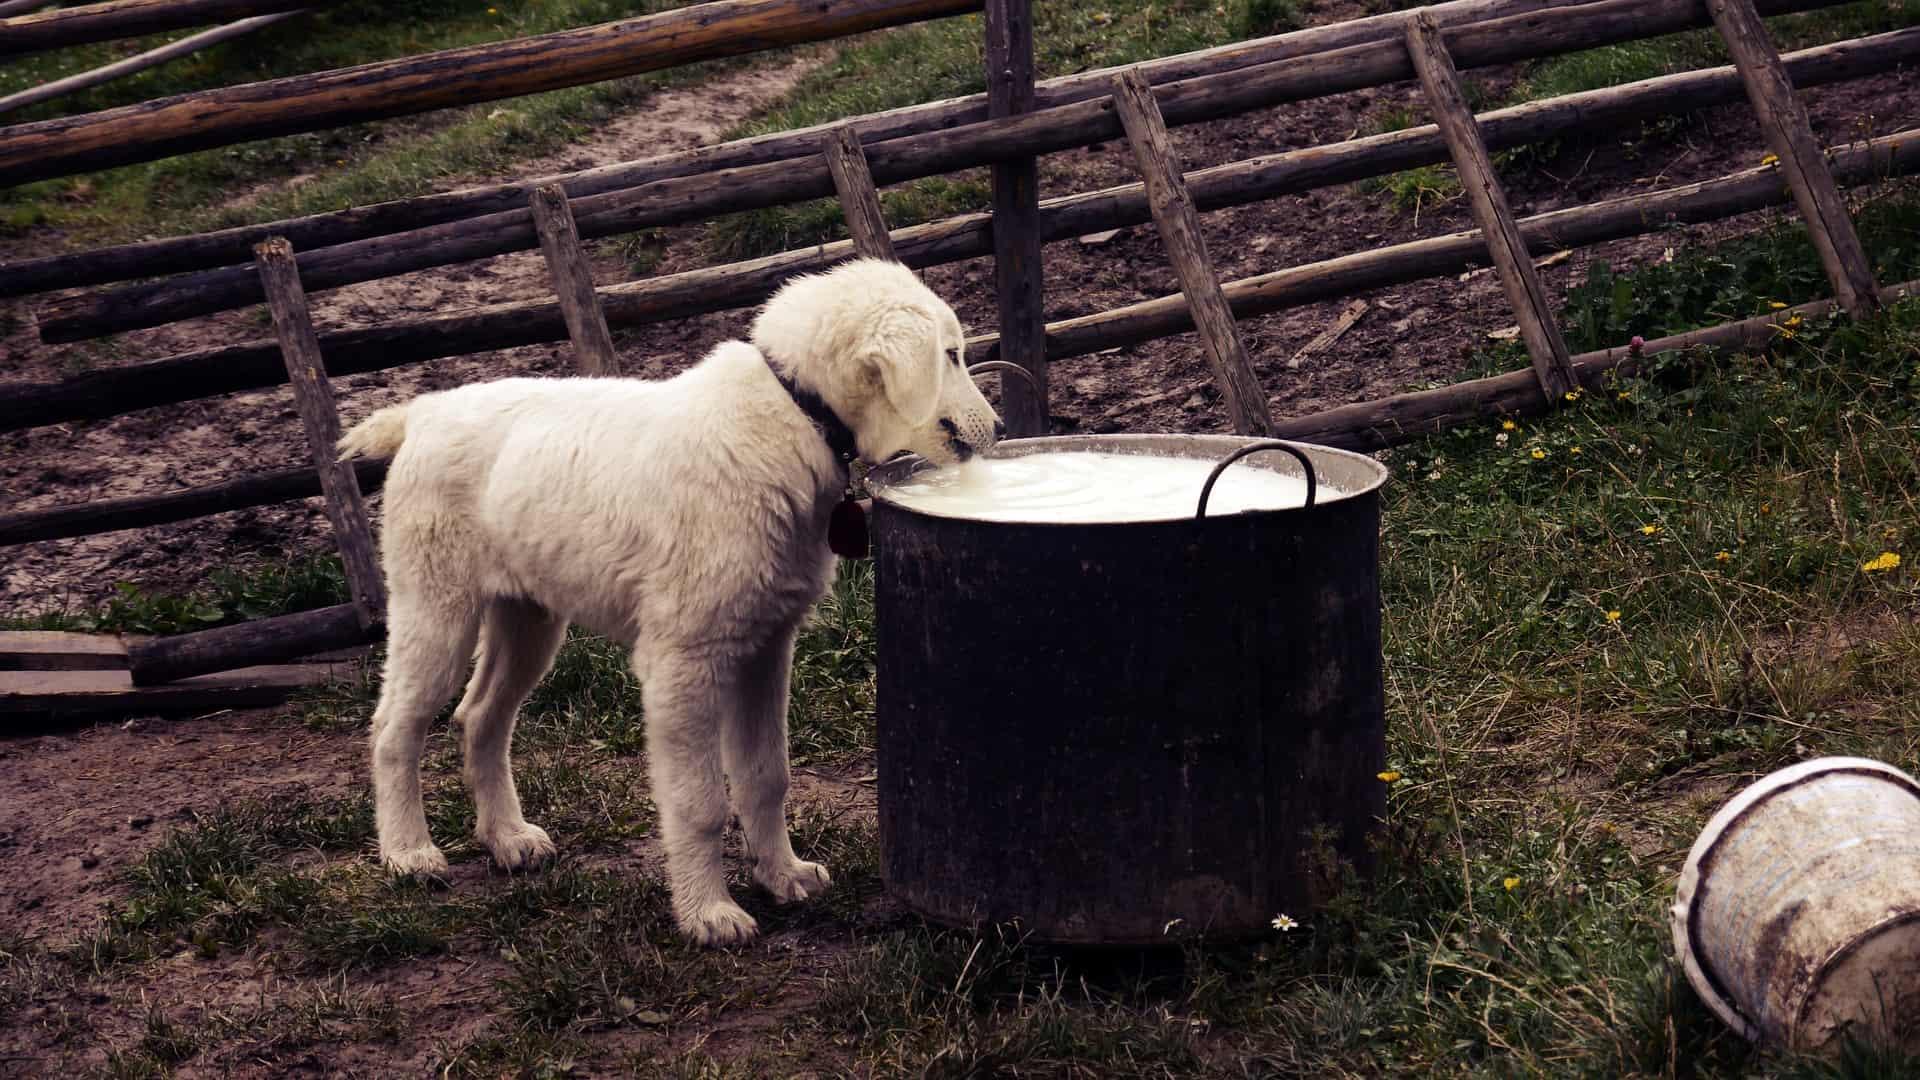 Welpenmilch: Test & Empfehlungen (05/21)